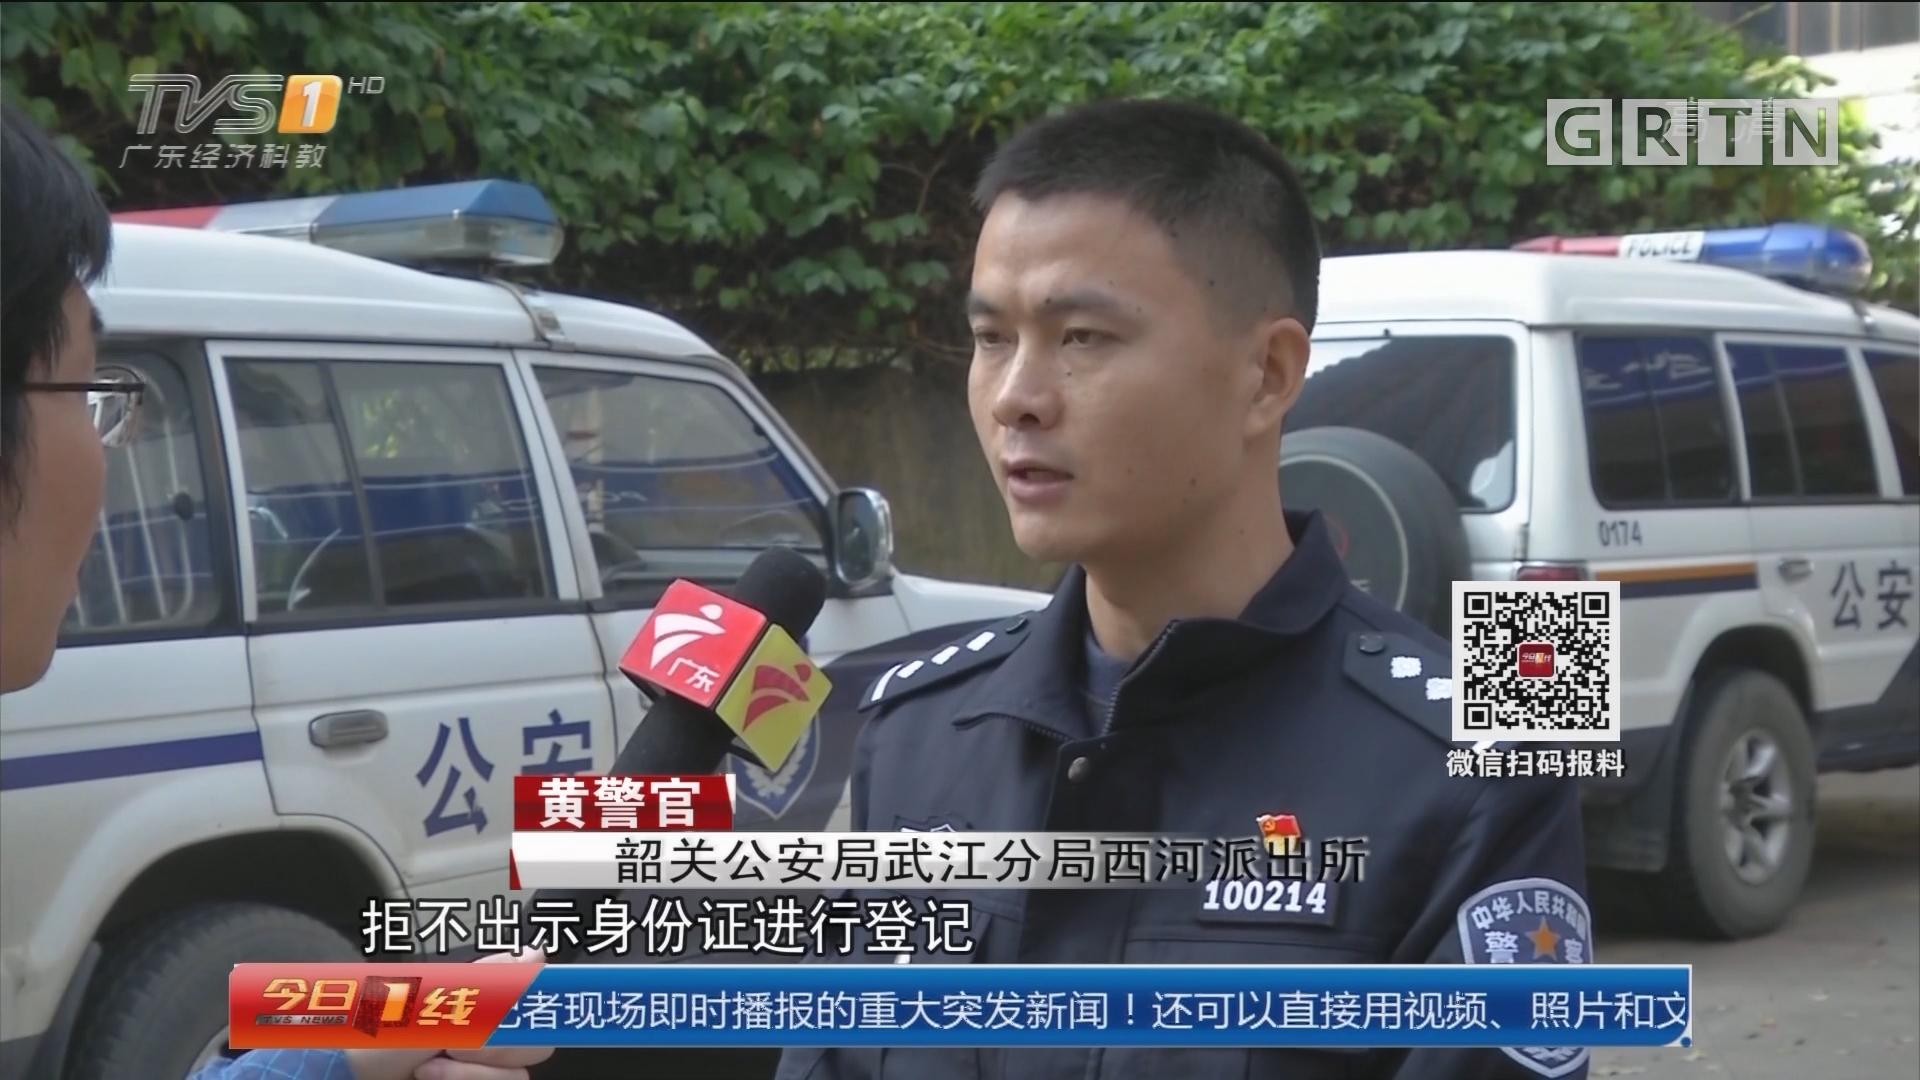 韶关:寻衅还冲撞民警 醉汉被拘